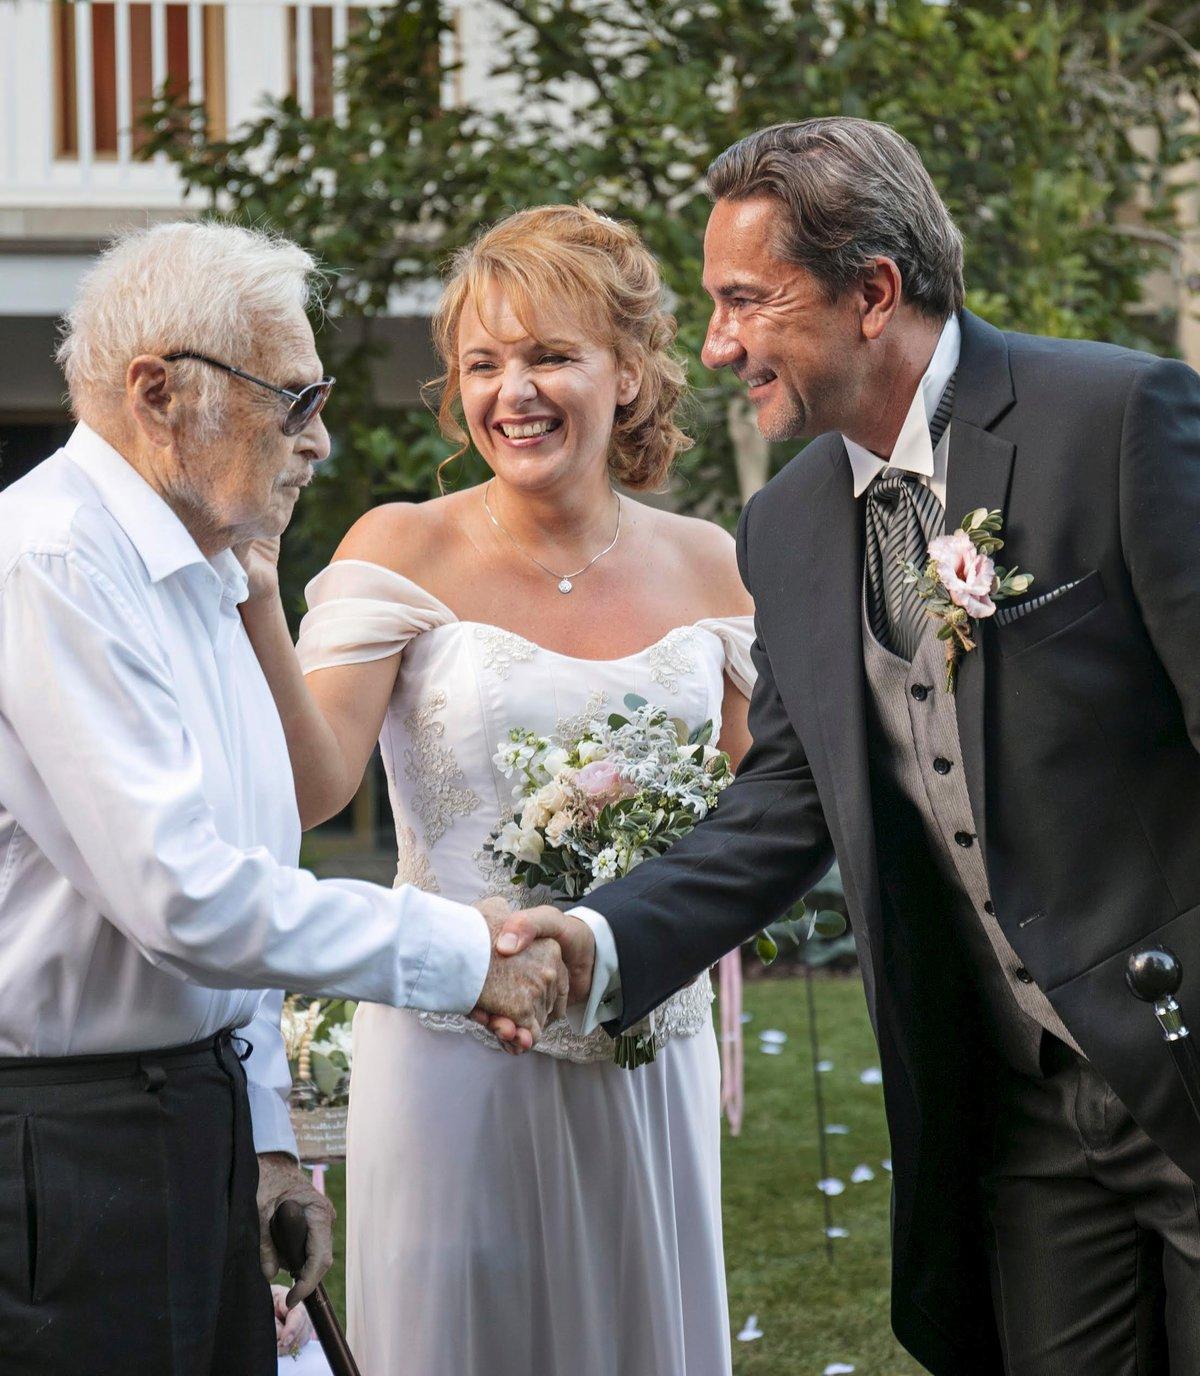 Luďek Munzar gratuluje ženichovi, zatímco Bára hladí po tváři svého tátu.